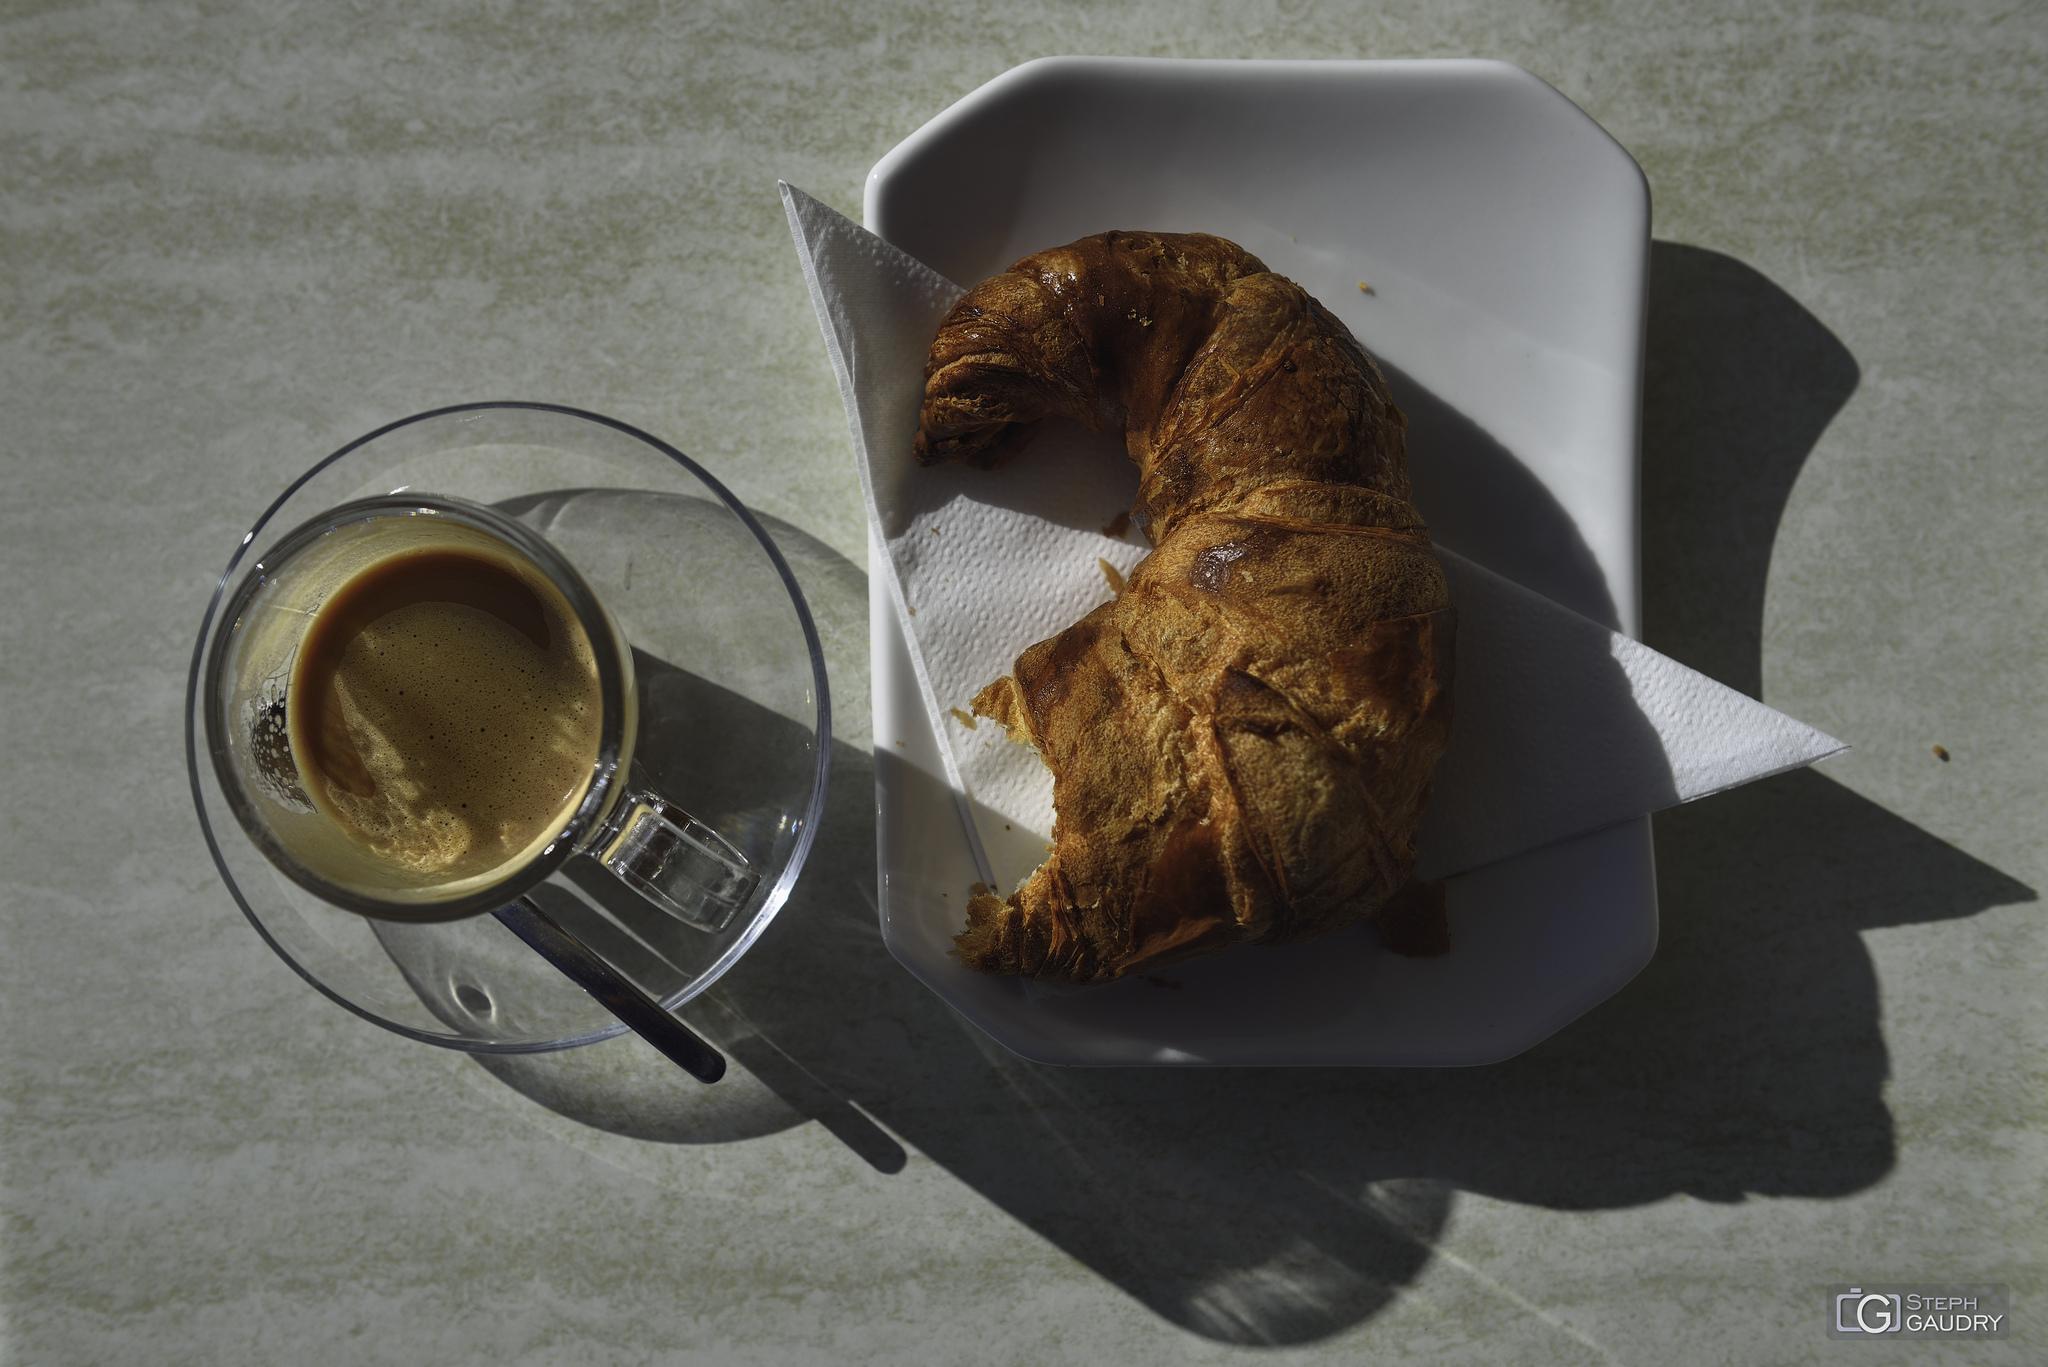 Sunny breakfast [Cliquez pour lancer le diaporama]